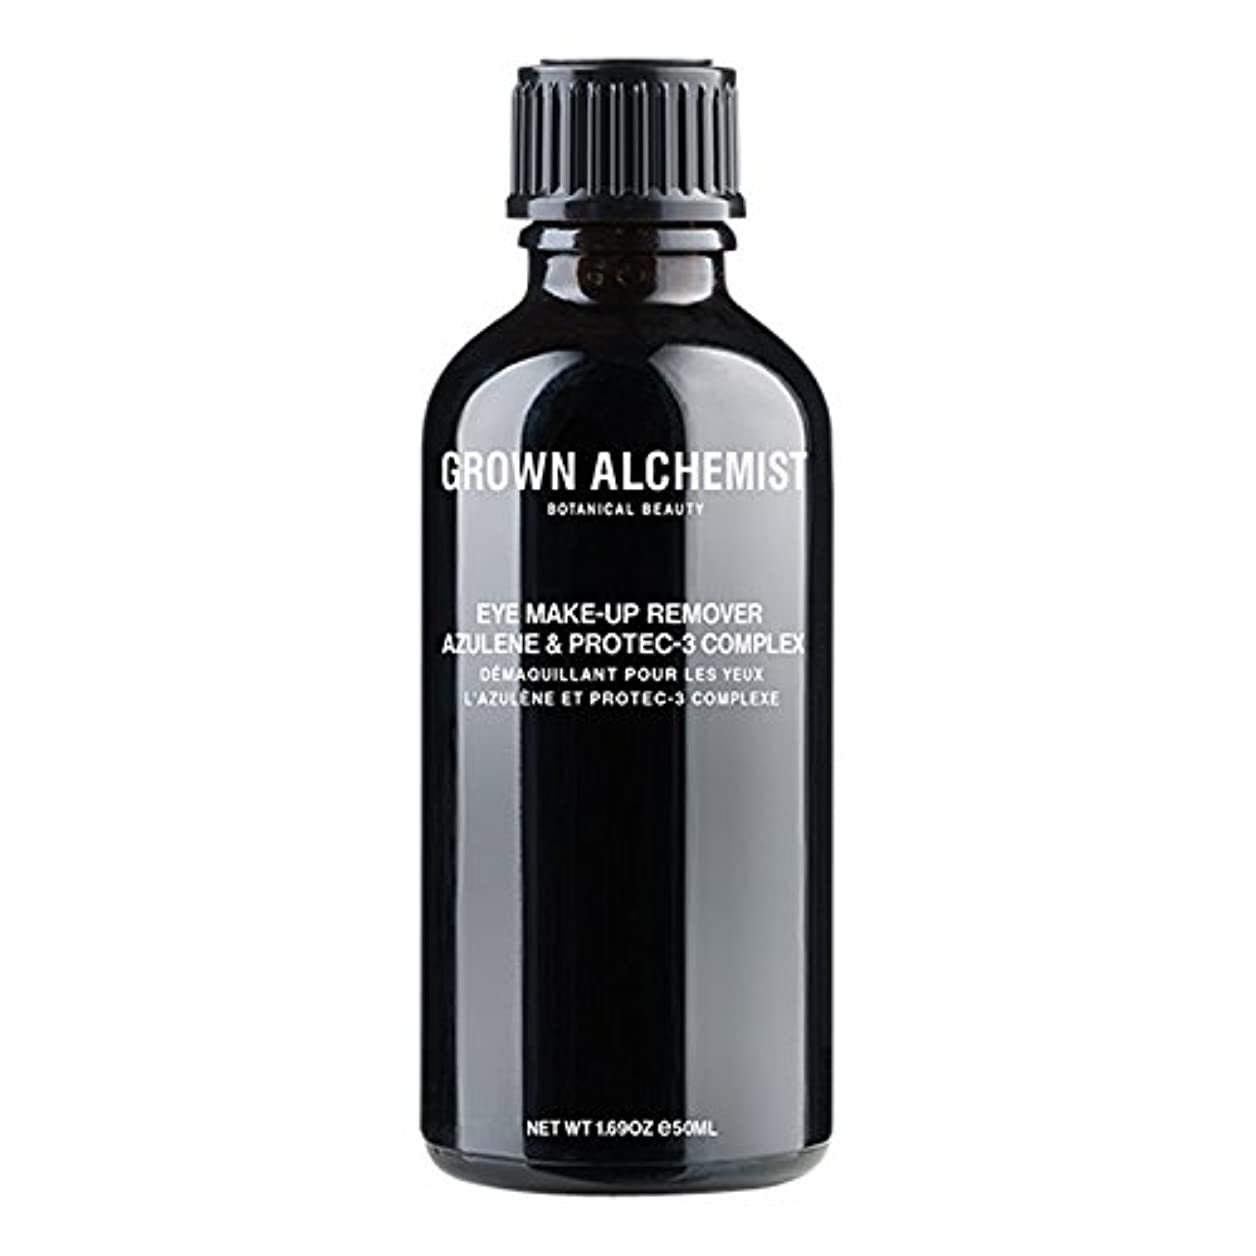 圧縮された社会主義マントル成長した錬金術師アズレン&Protec-3アイメイクアップリムーバーの50ミリリットル (Grown Alchemist) - Grown Alchemist Azulene & Protec-3 Eye-Makeup Remover 50ml [並行輸入品]